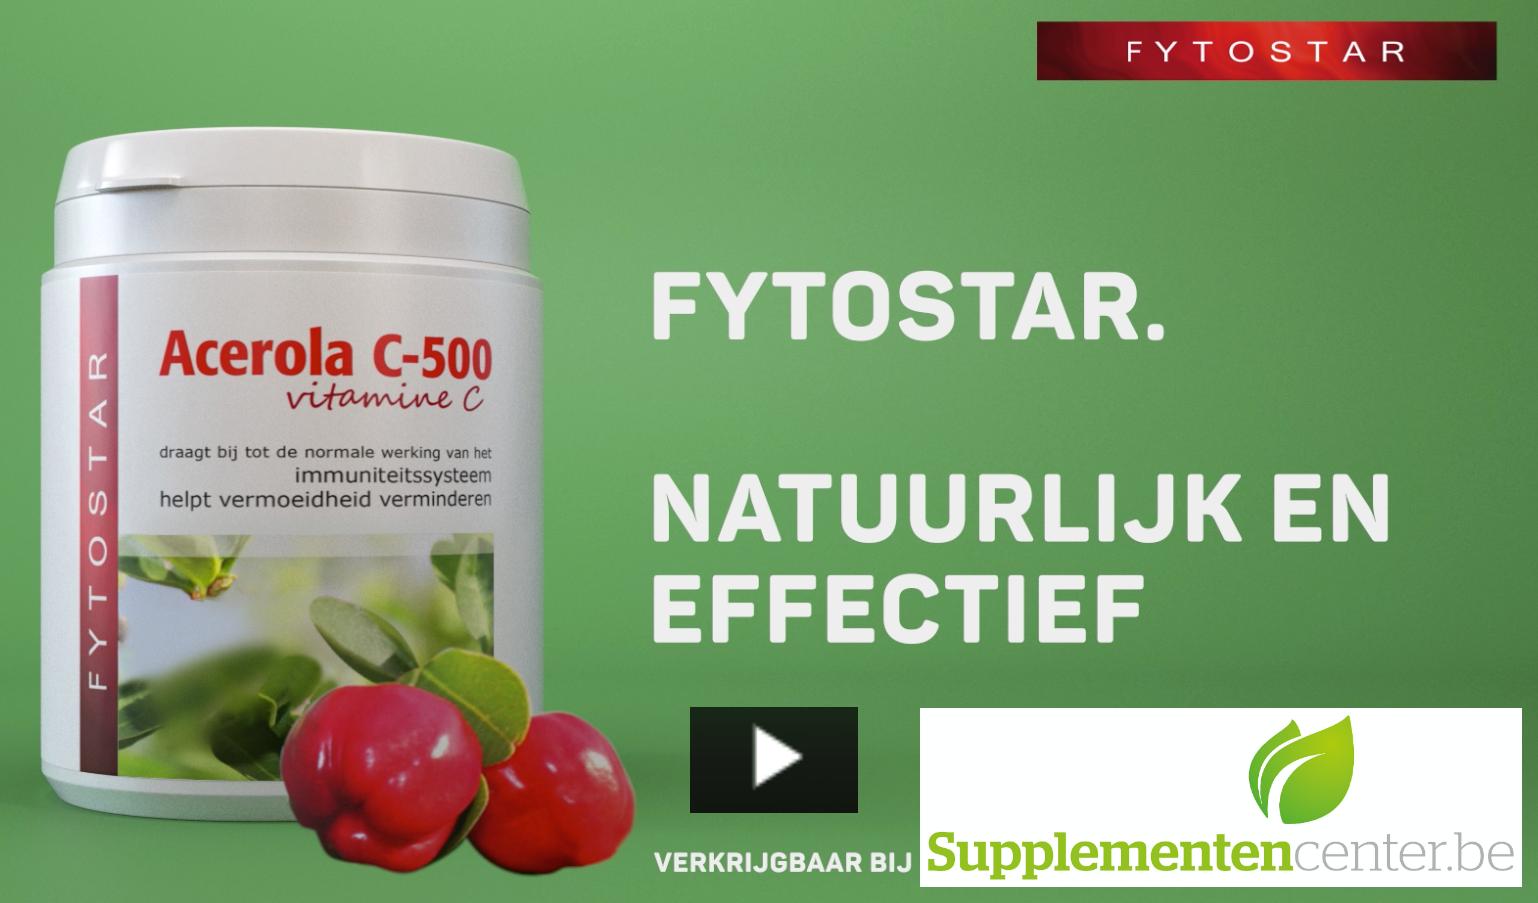 Fytostar Acerola Vitamine C - Natuurlijk en Effectief